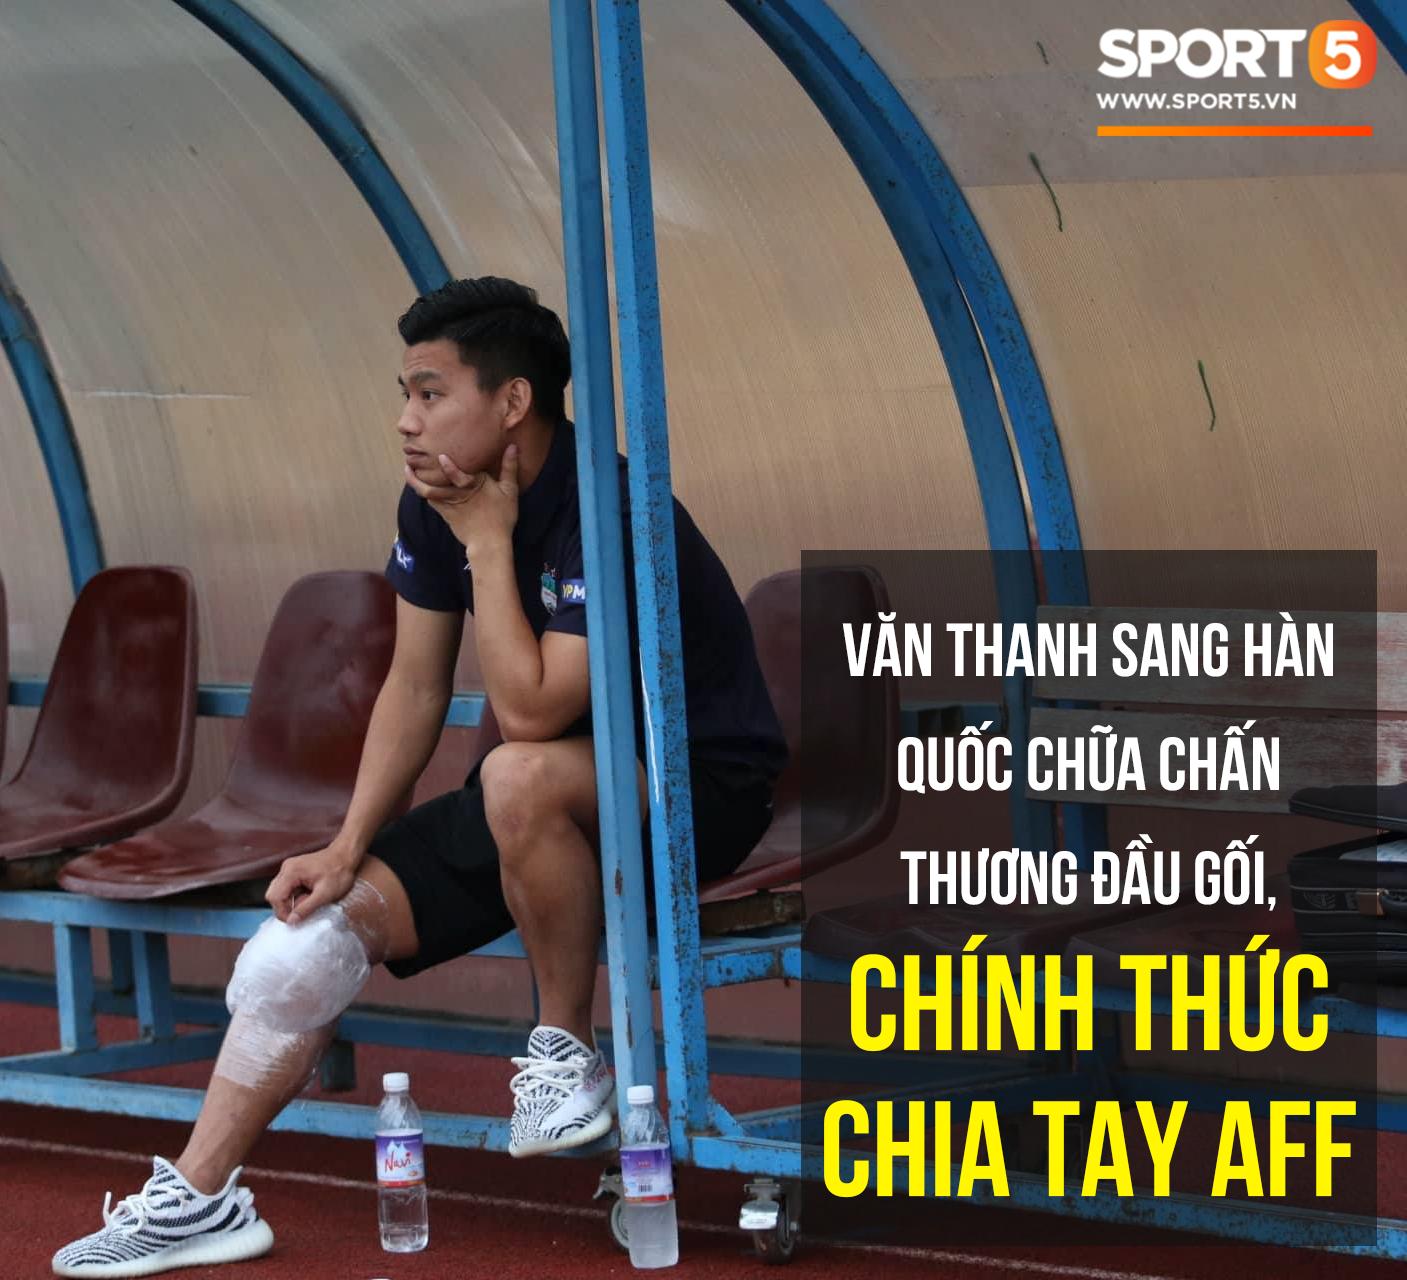 Vũ Văn Thanh đứt dây chằng, chia tay AFF Cup 2018 - Ảnh 1.